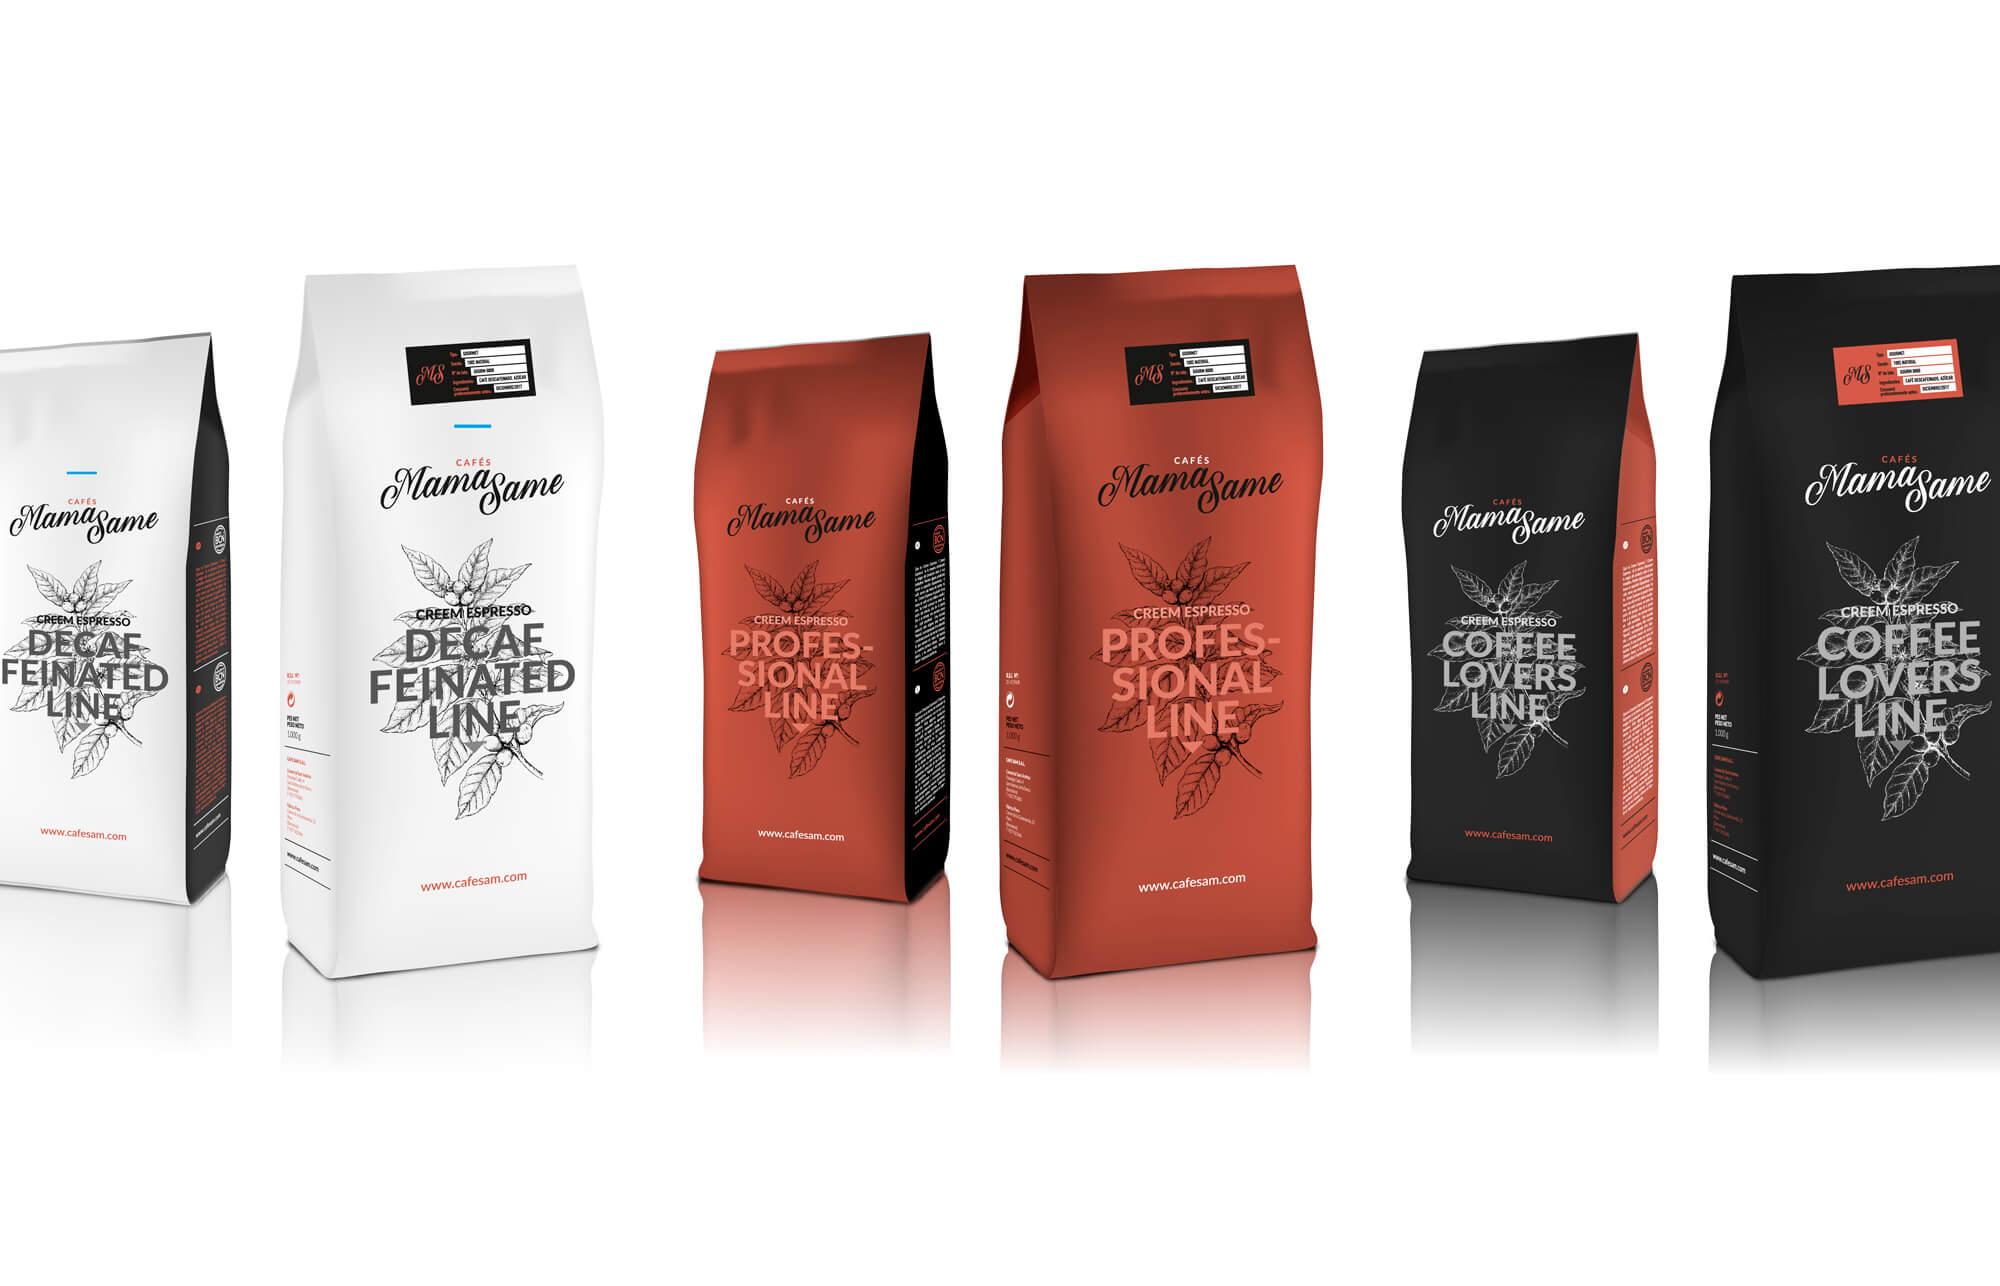 la Negreta, Cafés MamaSame, Café, Barcelona, Diseño Gráfico, Packaging